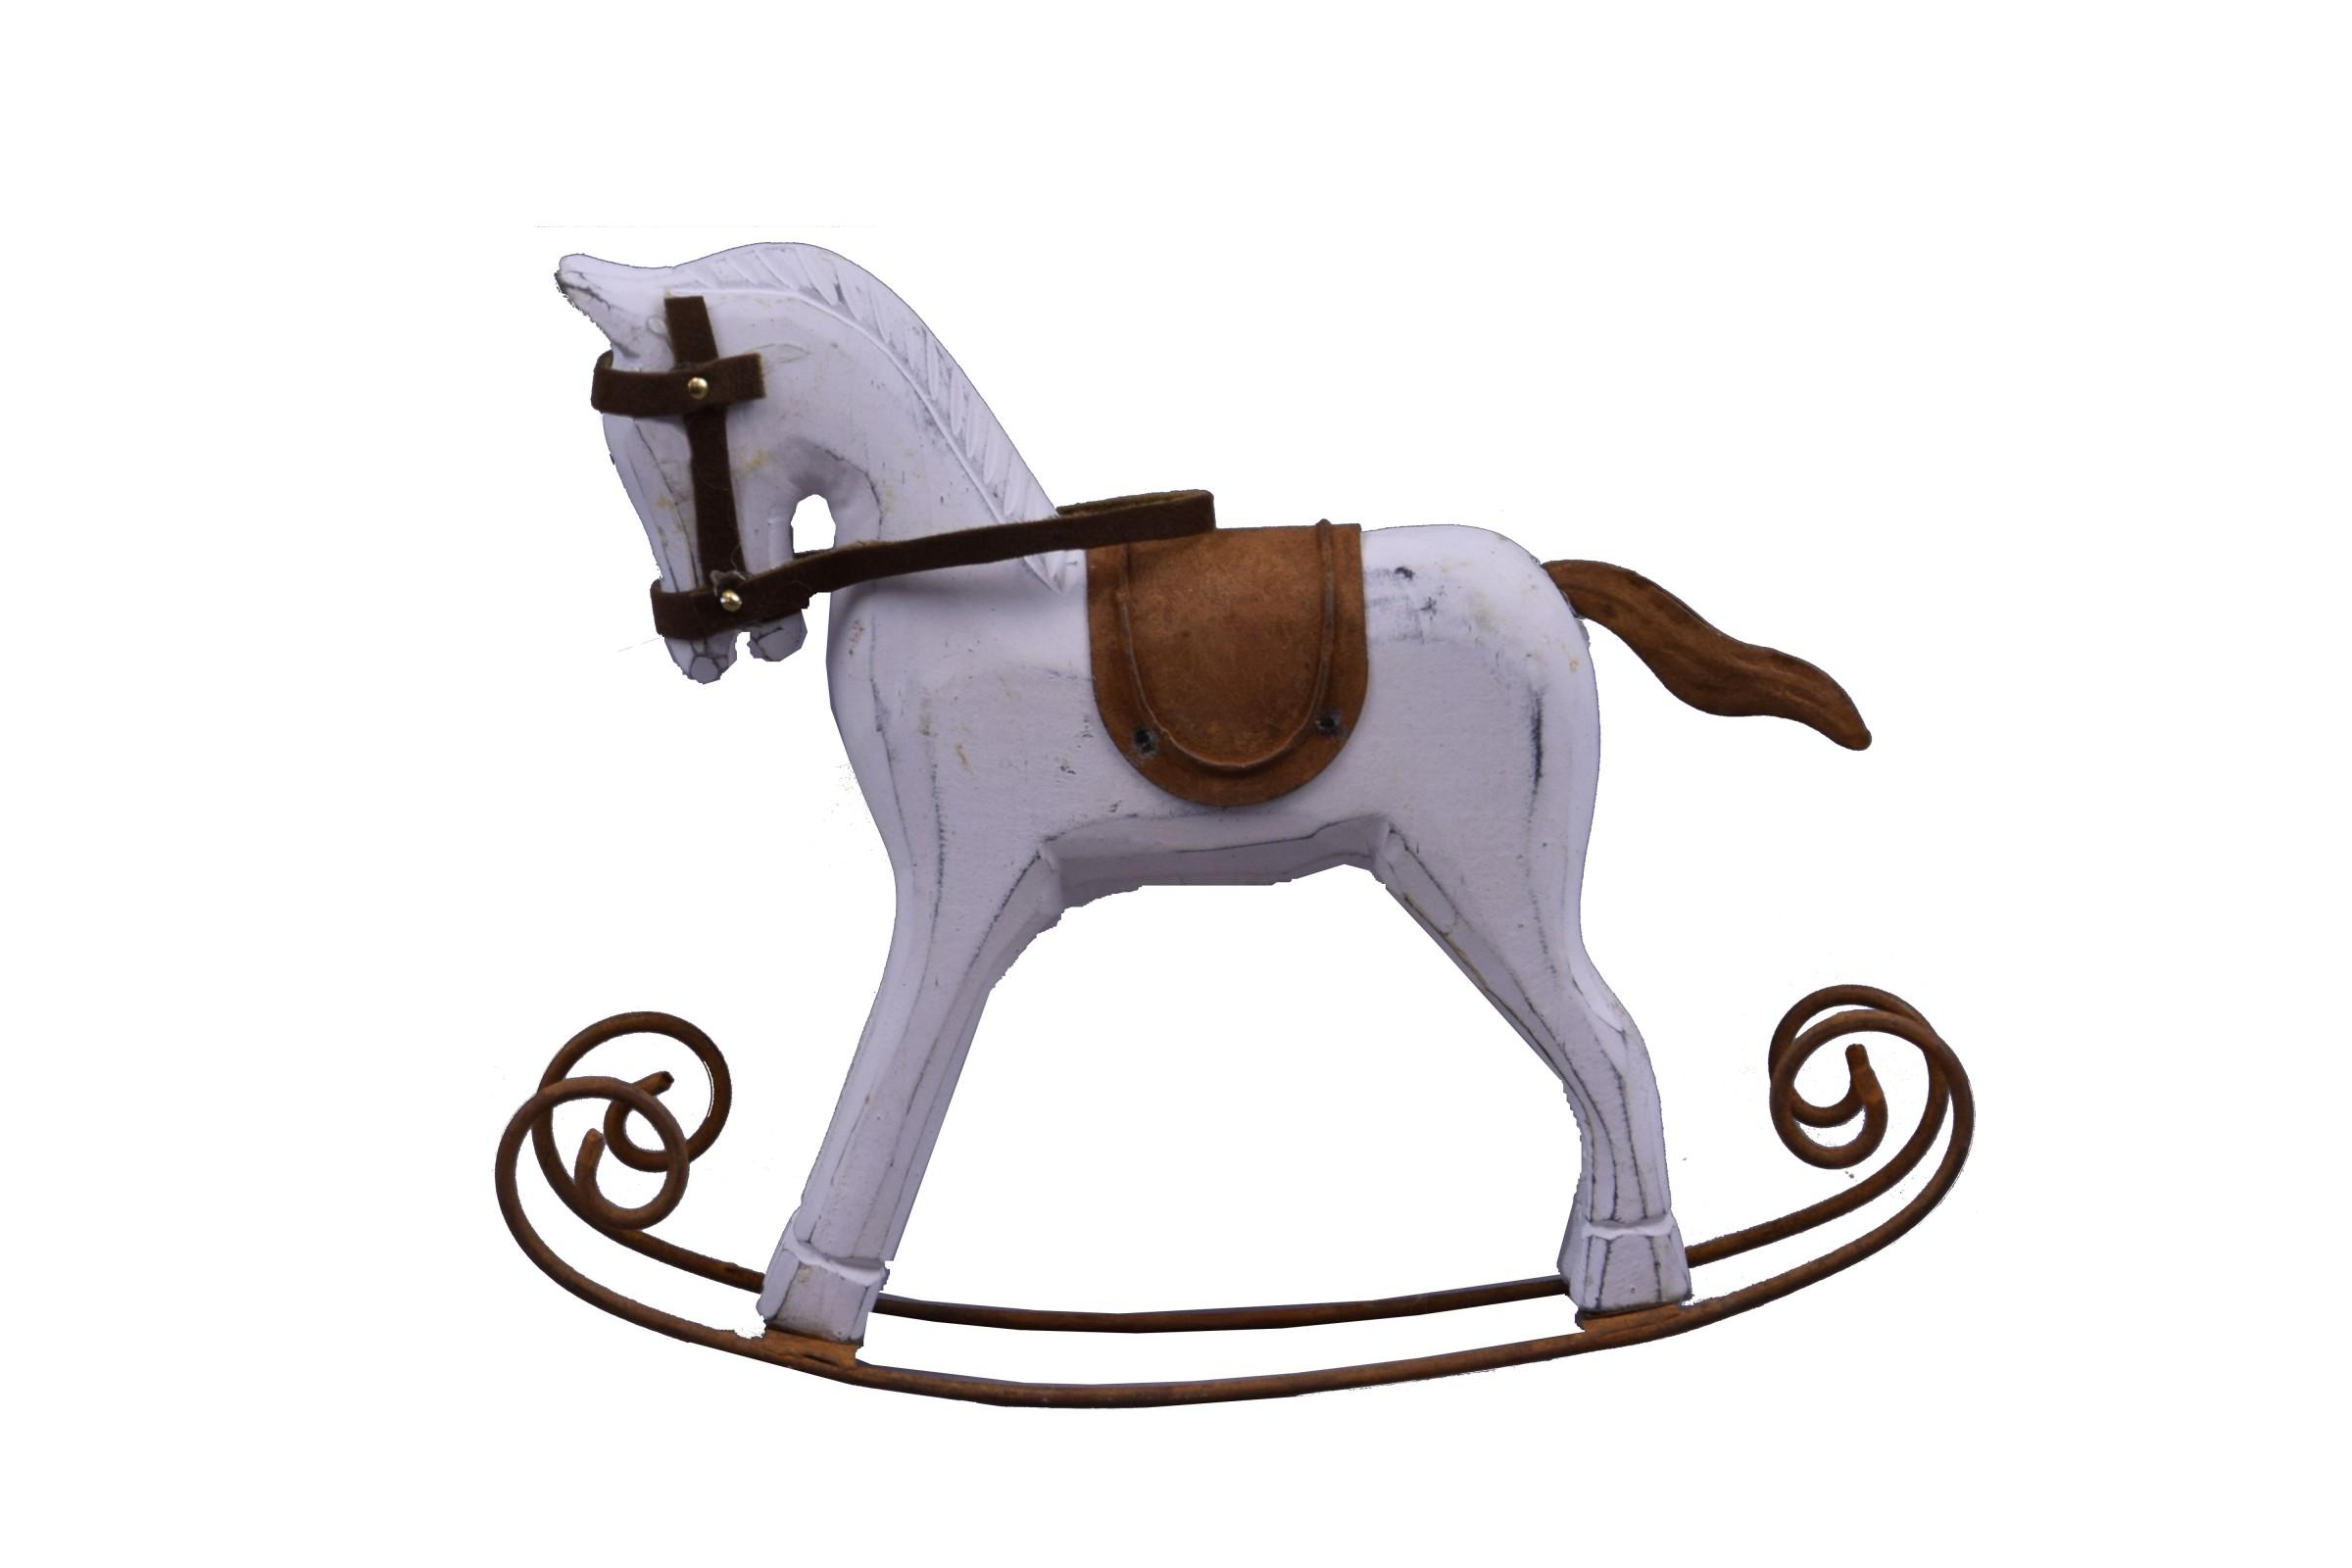 Houpací kůň bílý dřevo Rozměry: 17x14x5cm